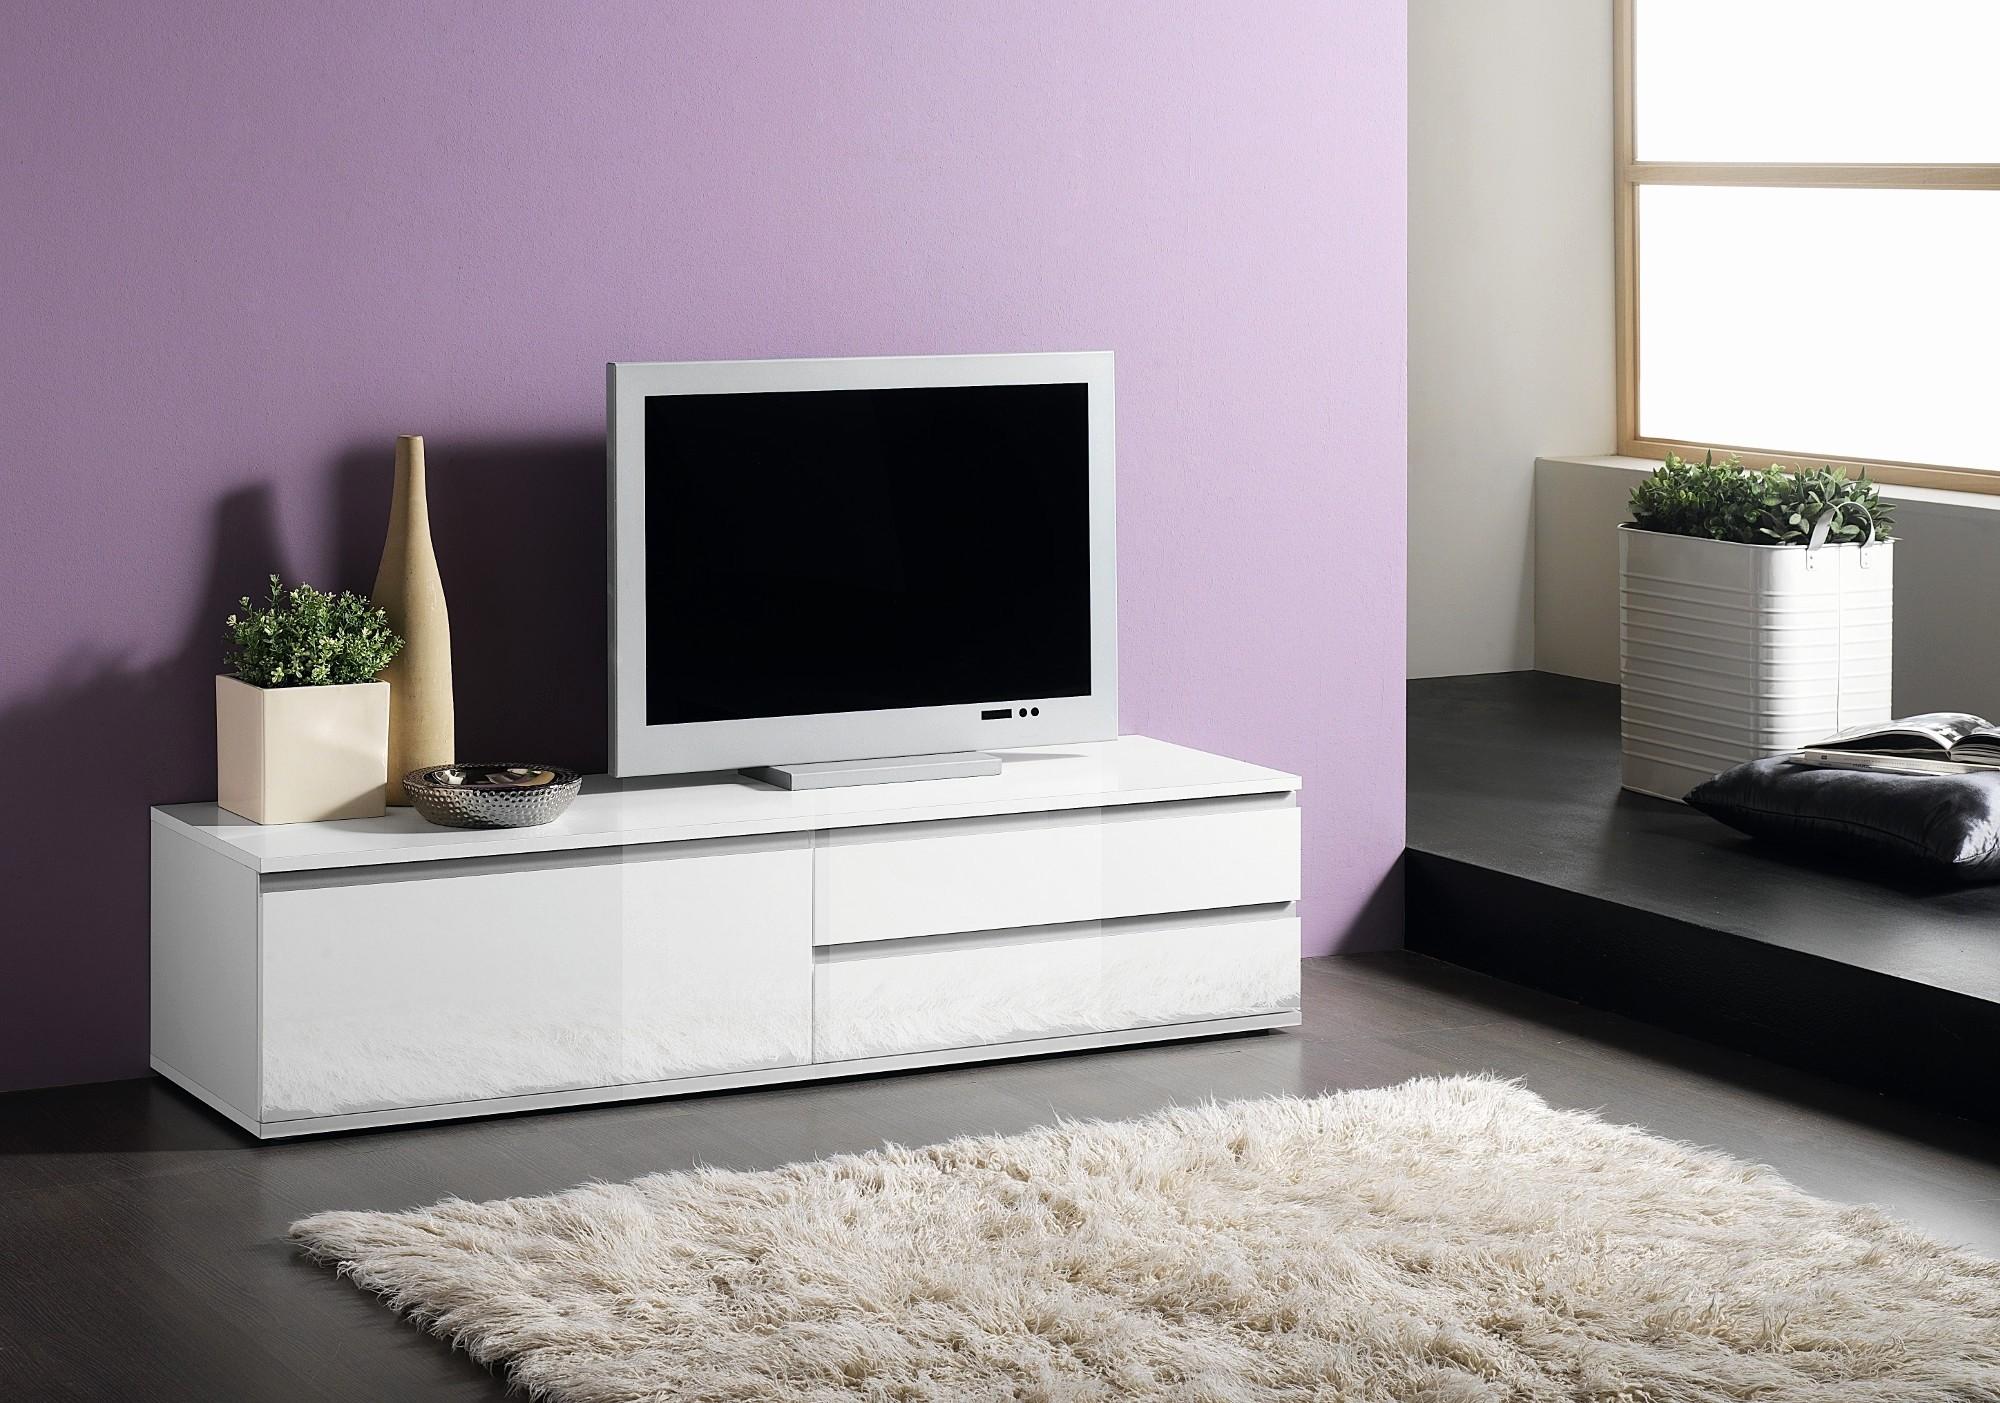 Meuble Haut D Angle Pour Tv ▷ classement & guide d'achat : top meubles tv en avr. 2020